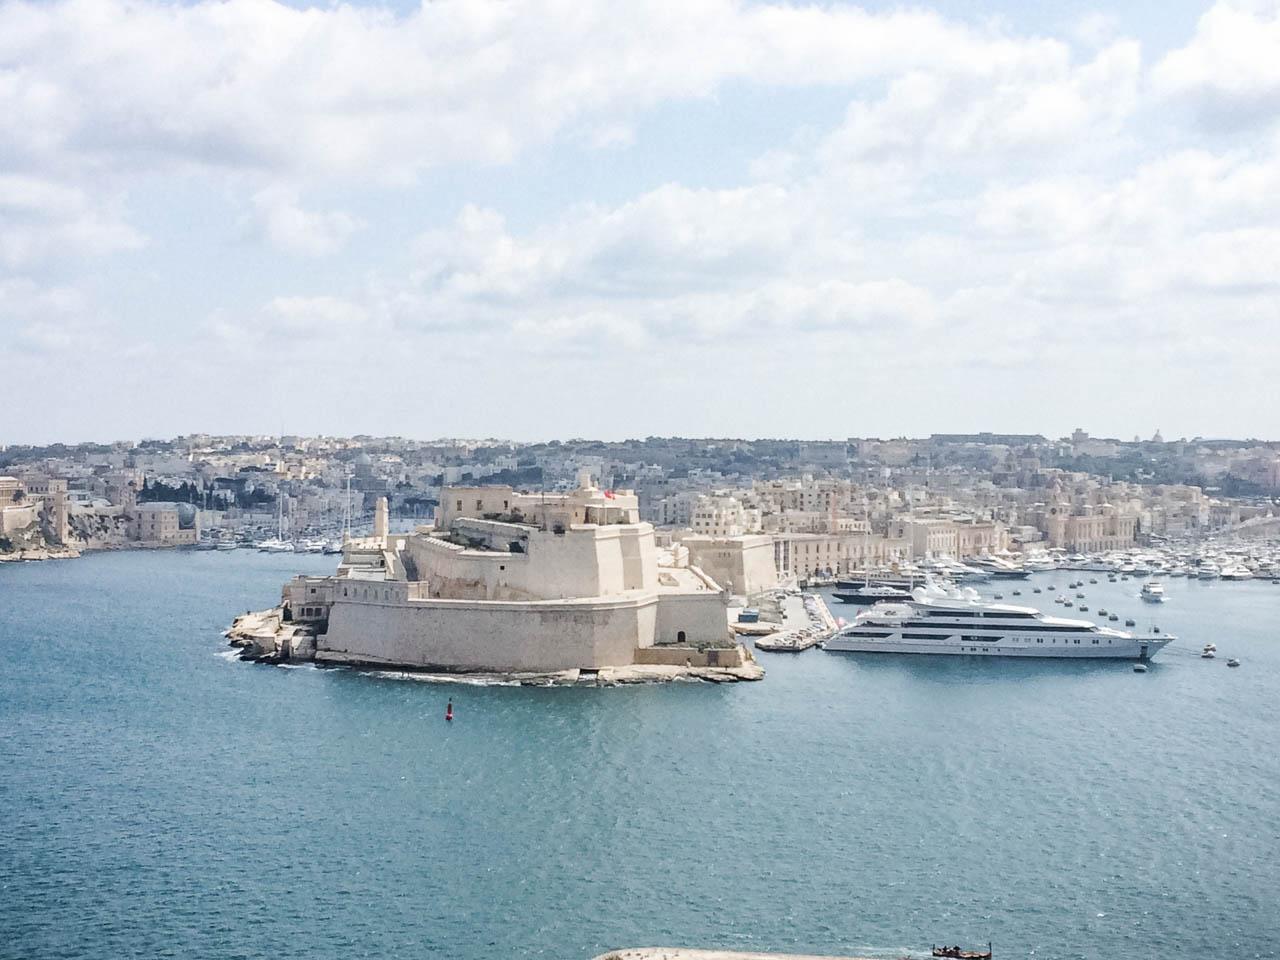 The view from Upper Barrakka Gardens in Valletta, Malta